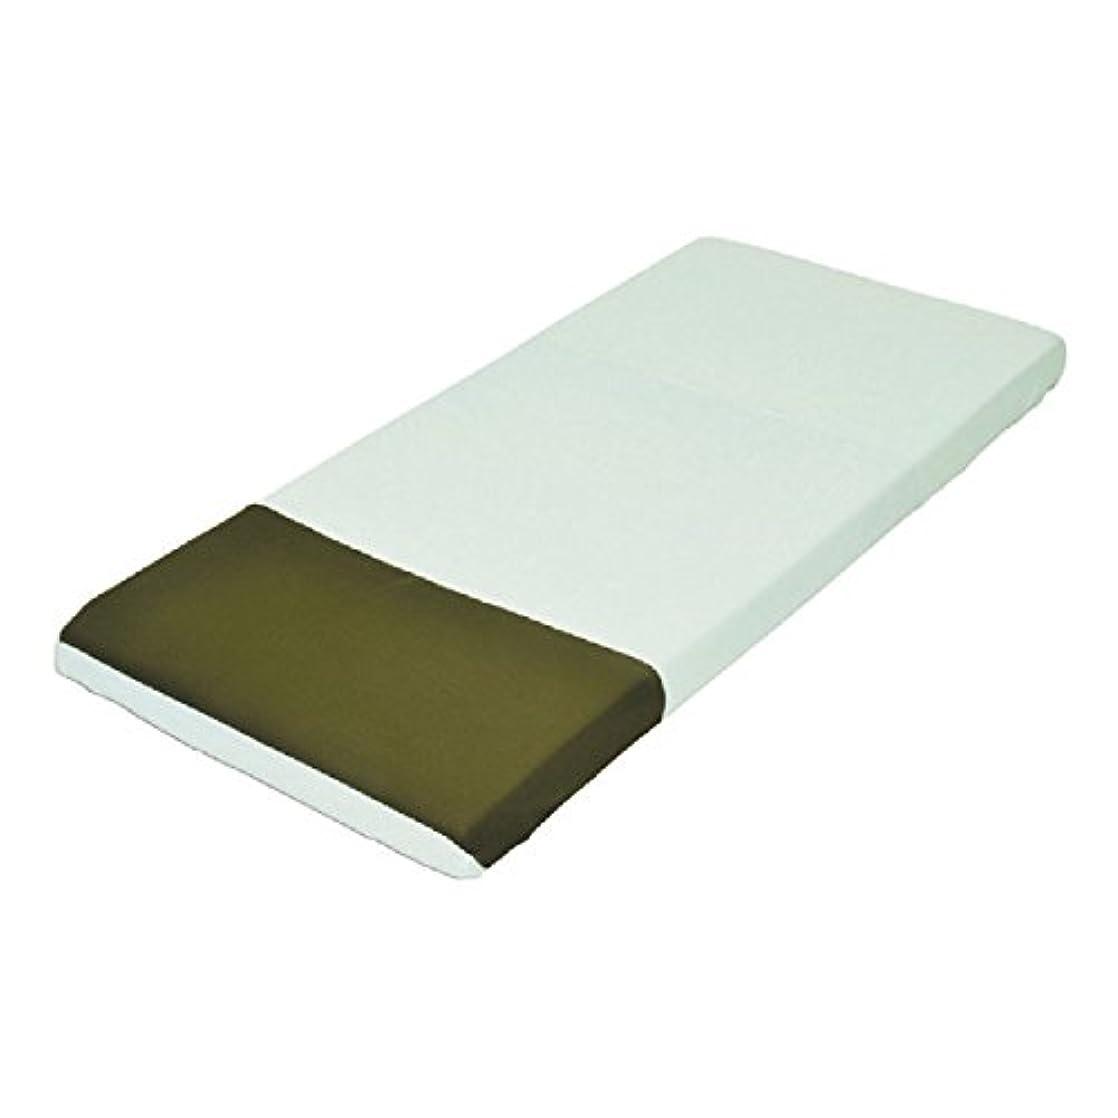 広大な薄める製造業モルテン ハイパー除湿シーツ 吸水拡散 防水 ボックス全身 グリーン